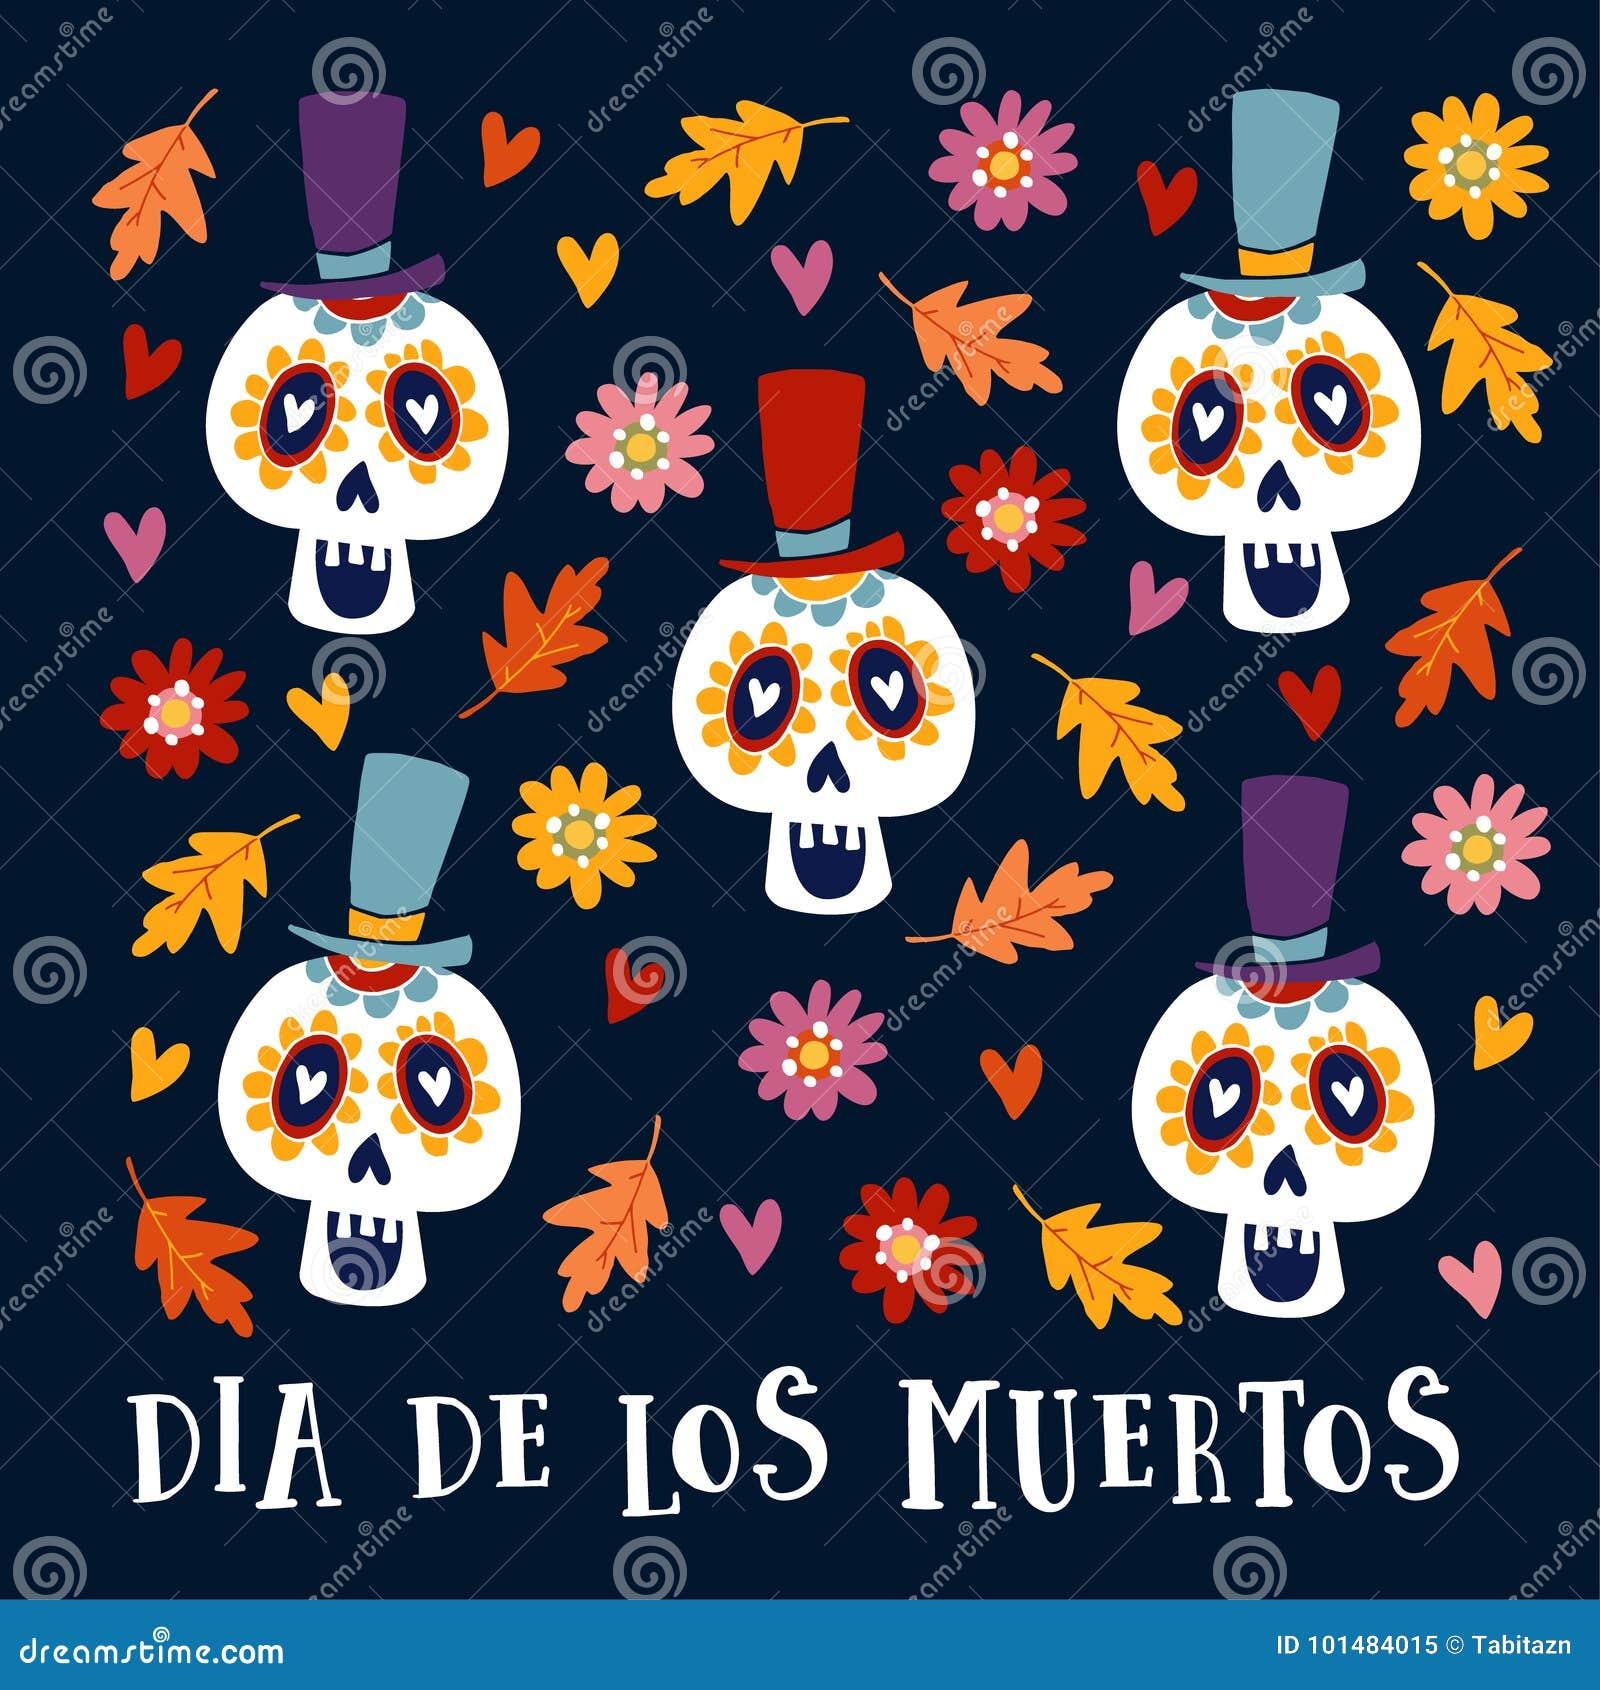 Dia de los muertos greeting card invitation mexican day of the download dia de los muertos greeting card invitation mexican day of the dead m4hsunfo